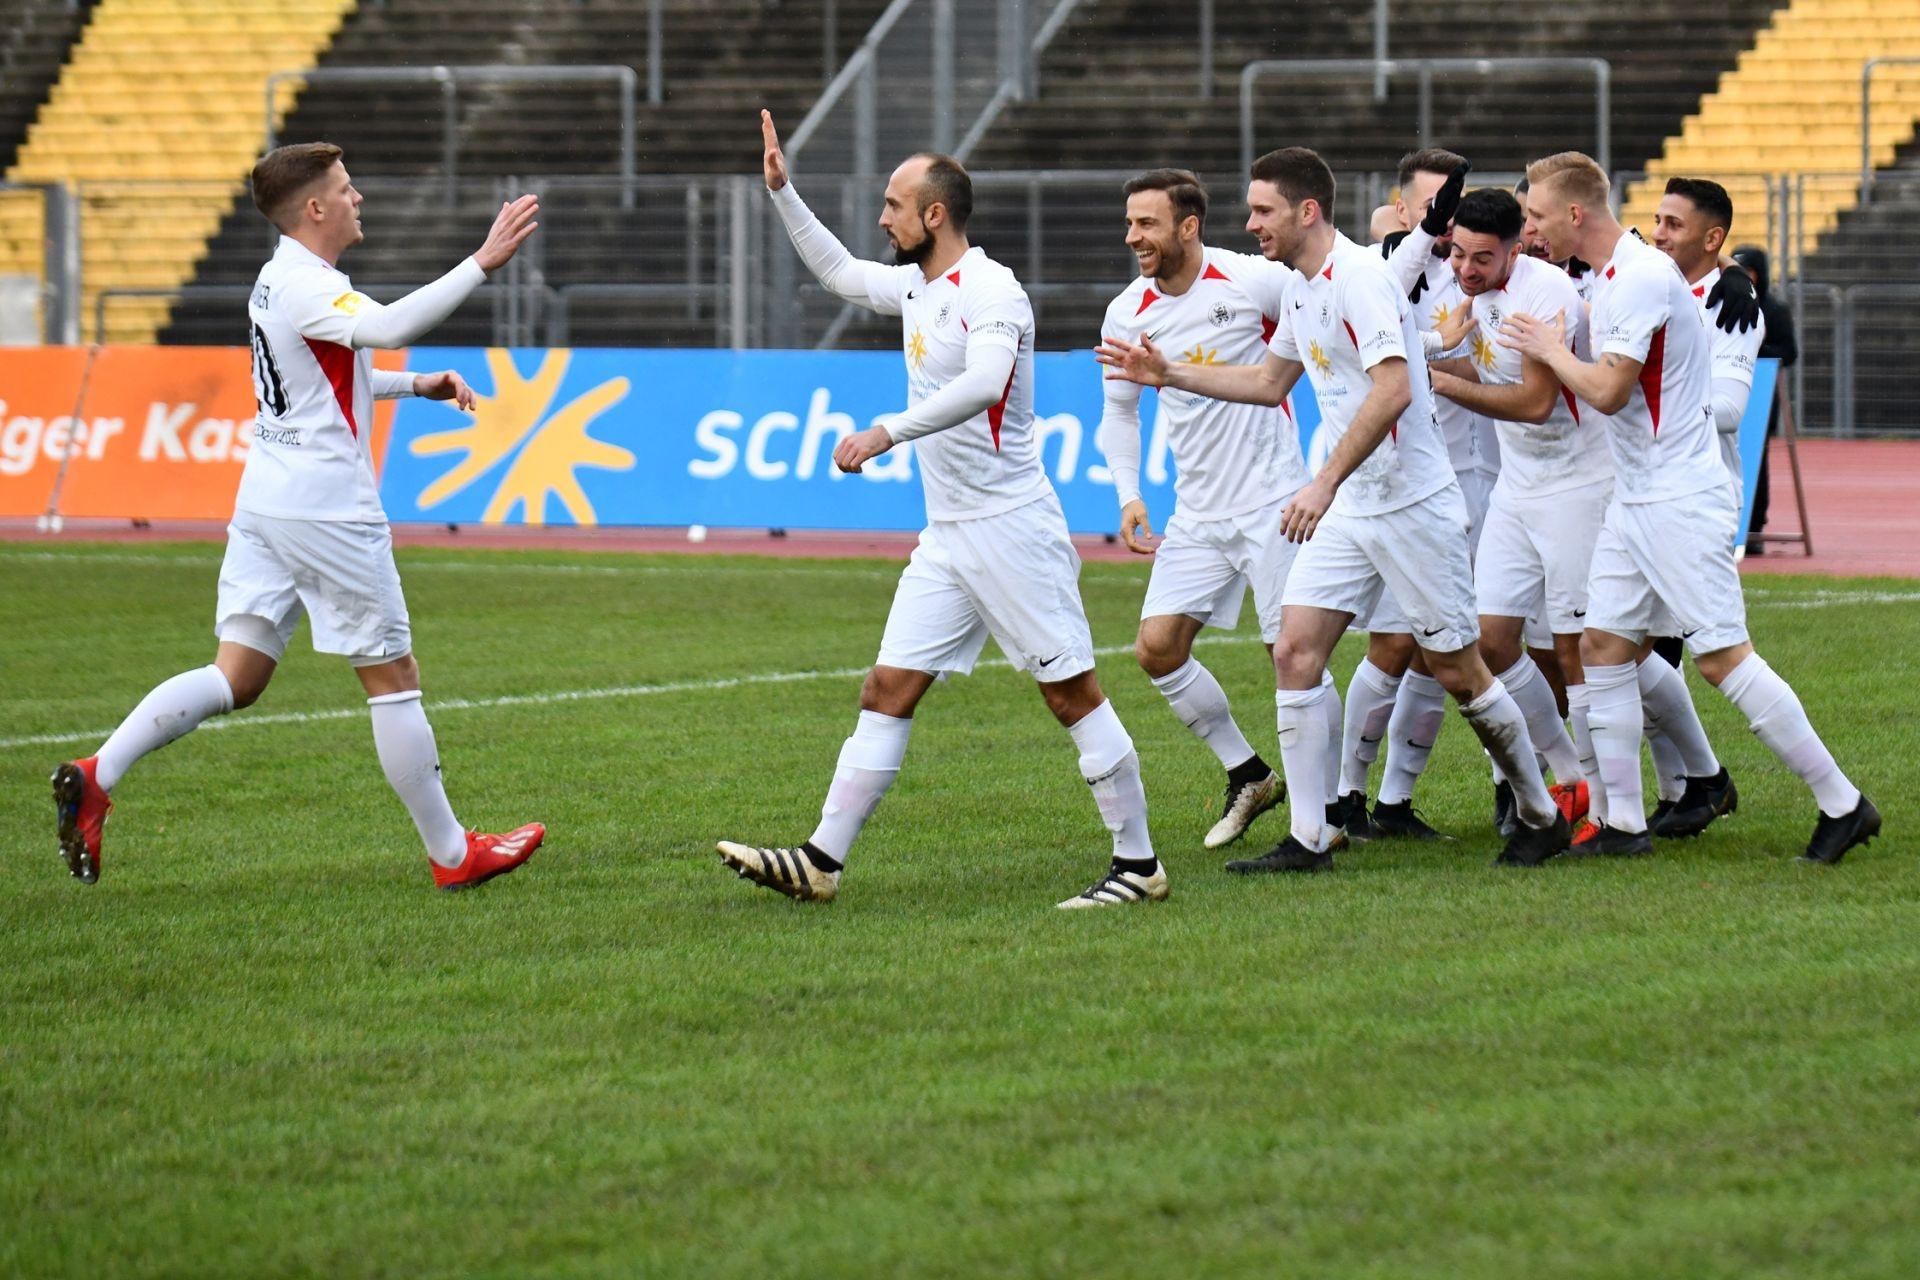 Lotto Hessenliga 2019/2020, KSV Hessen Kassel, FV Bad Vilbel, Endstand 6:1, Jubel zum 1:0